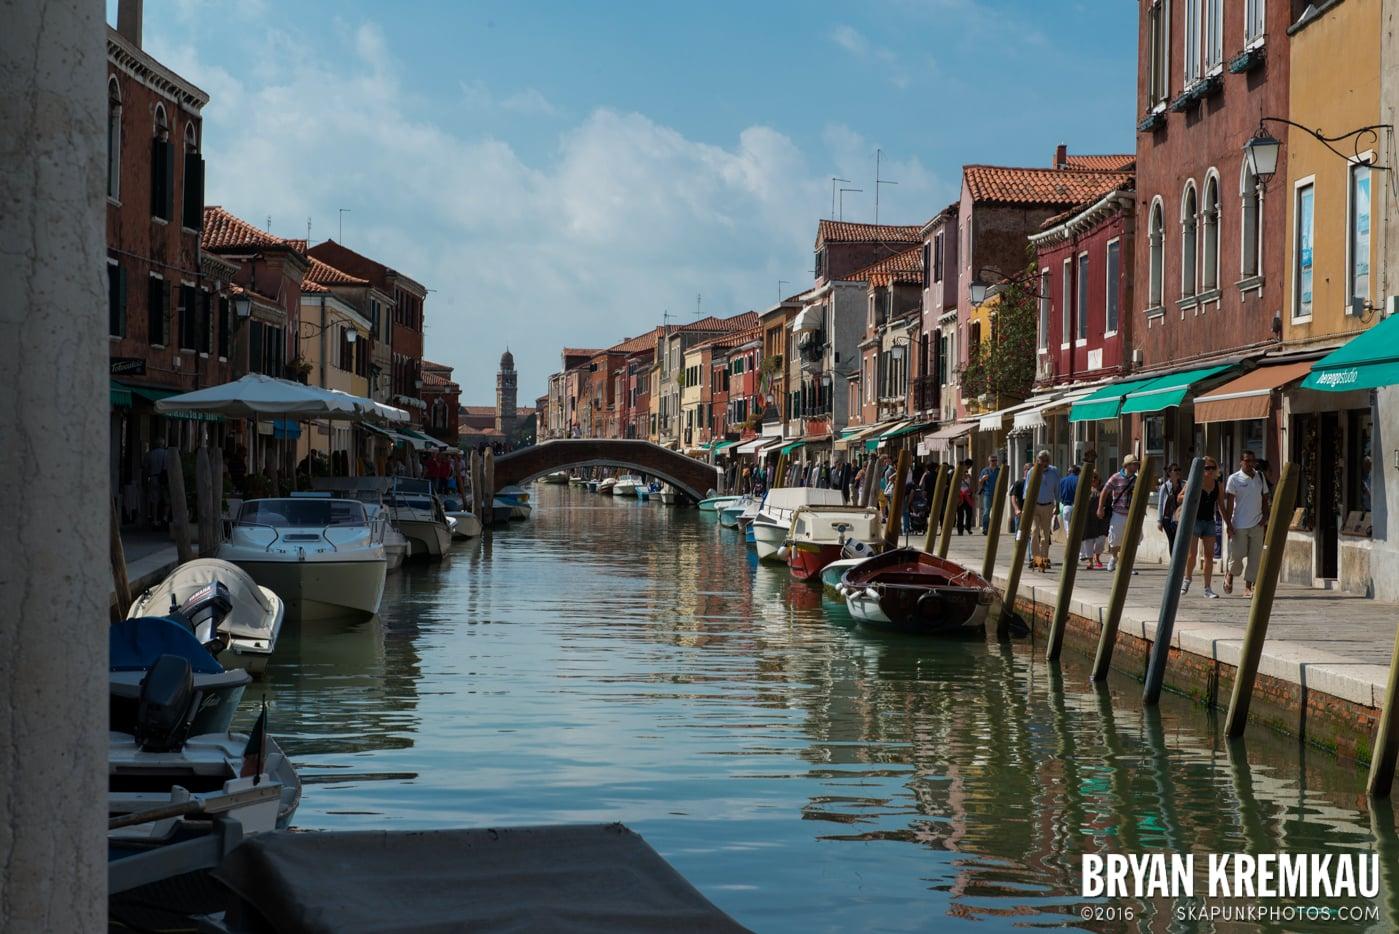 Italy Vacation - Day 6: Murano, Burano, Venice - 9.14.13 (74)